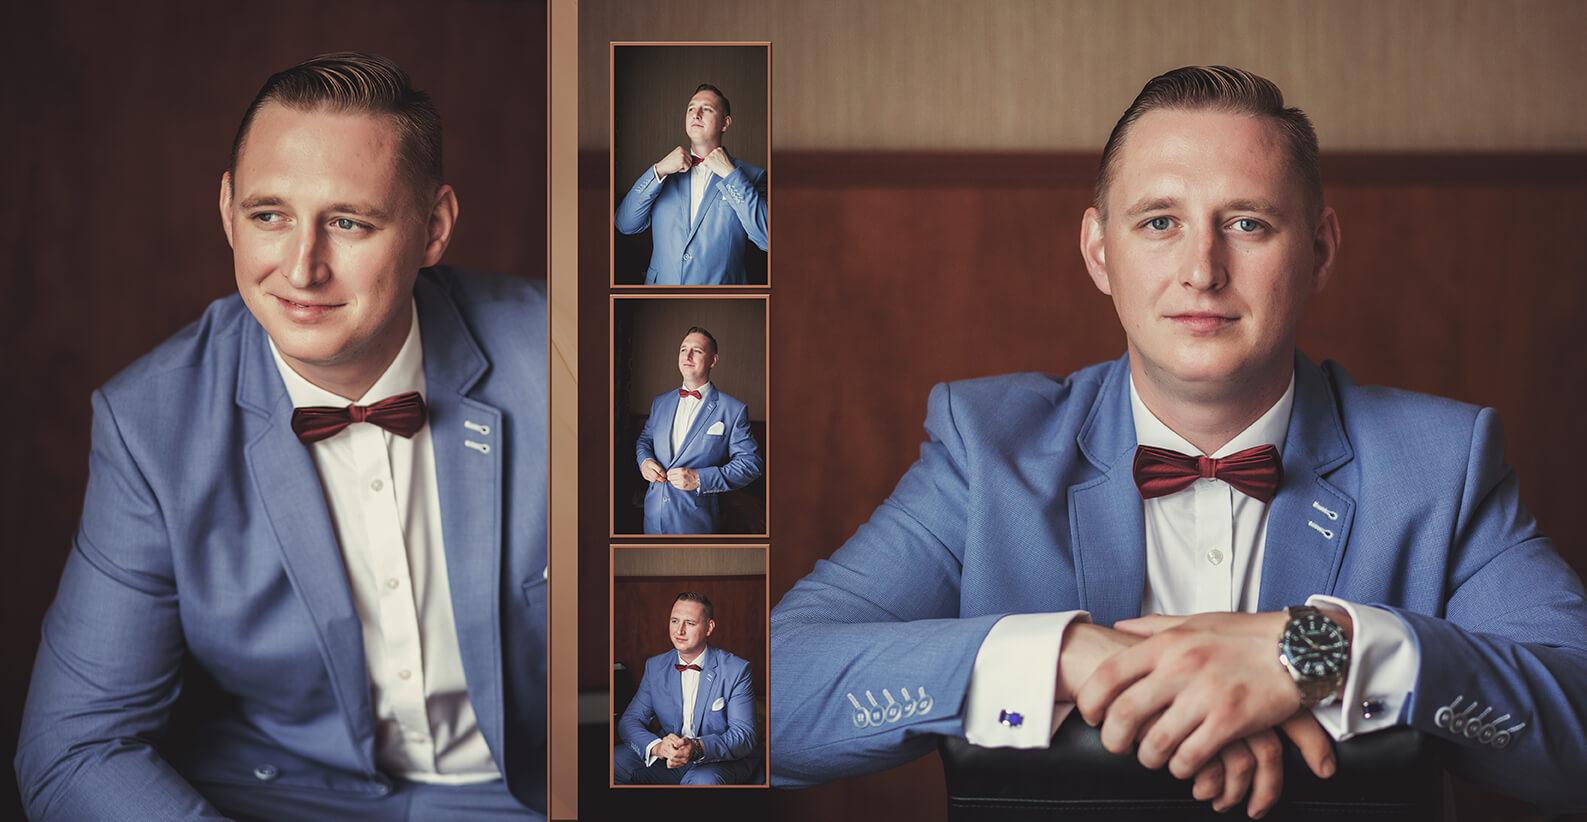 svadebnaja-fotokniga-albom-zakazat-fotograf-kiev-primery-1